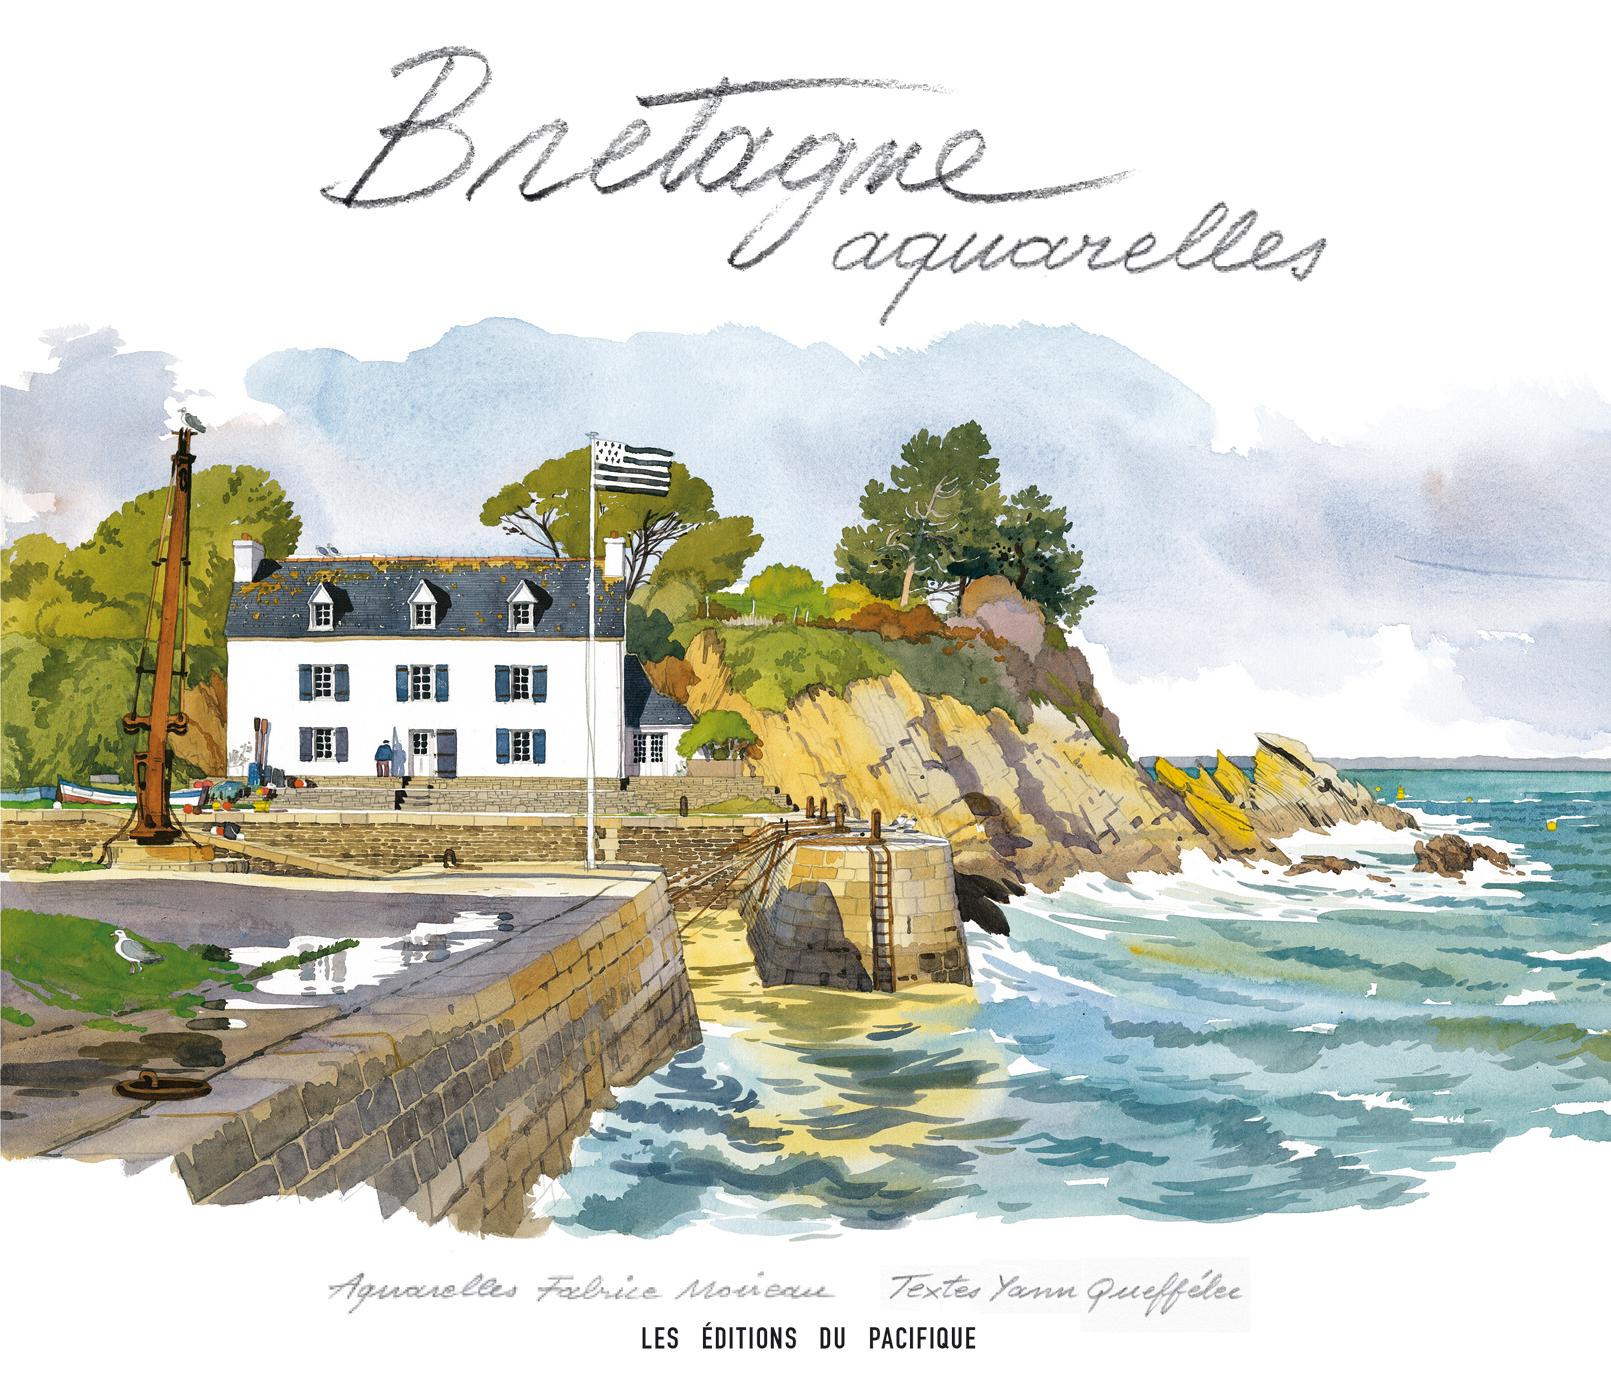 Bretagne aquarelles, Fabrice Moireau et Yann Queffélec